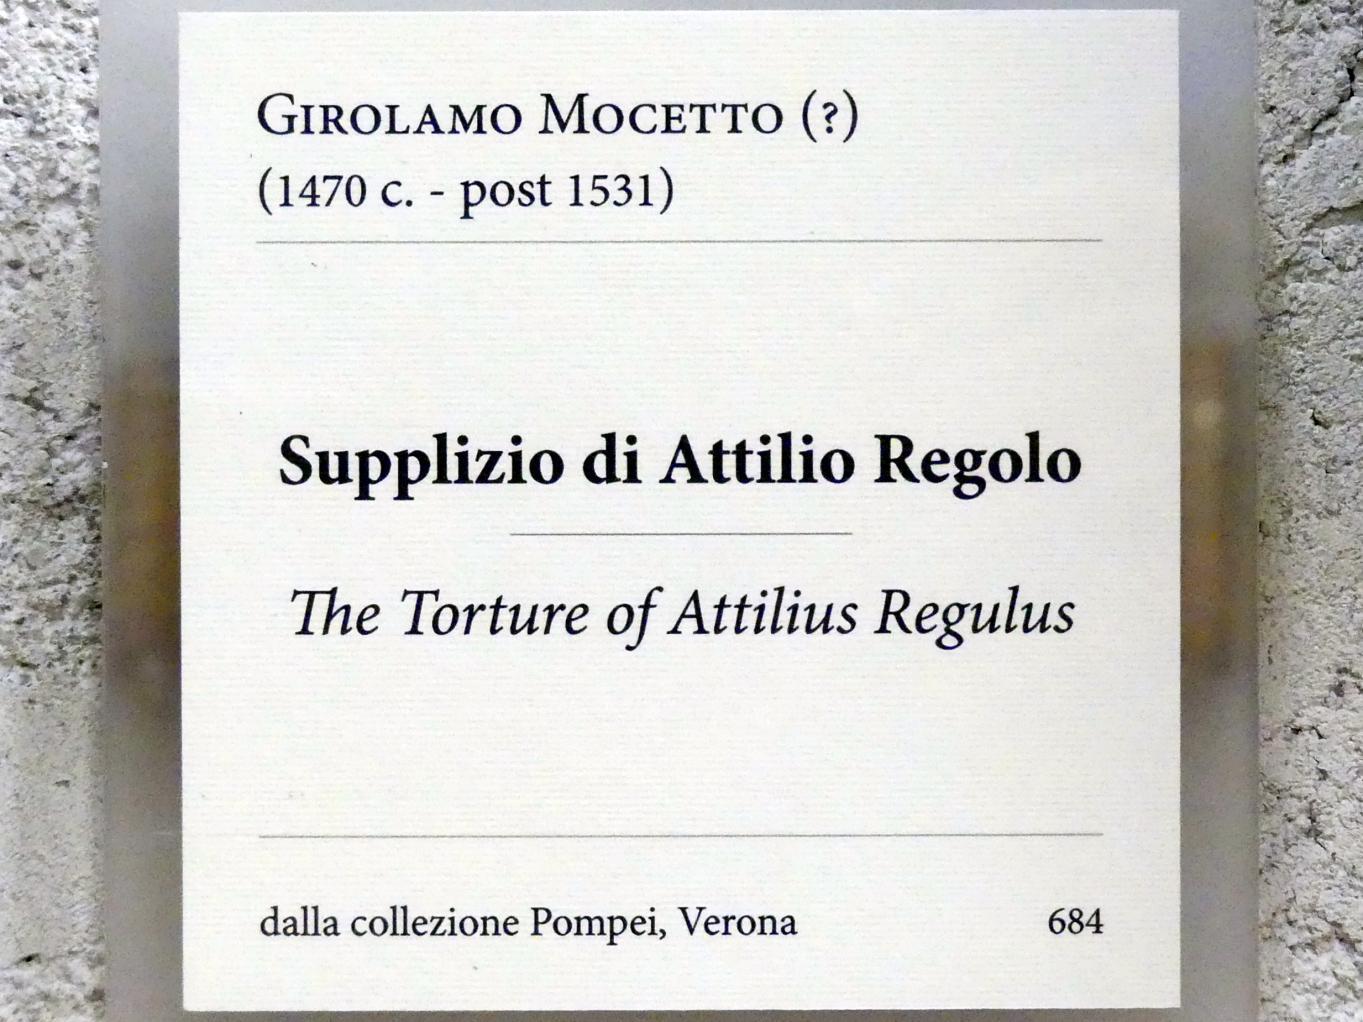 Girolamo Mocetto: Folter des Atilius Regulus, Undatiert, Bild 2/2